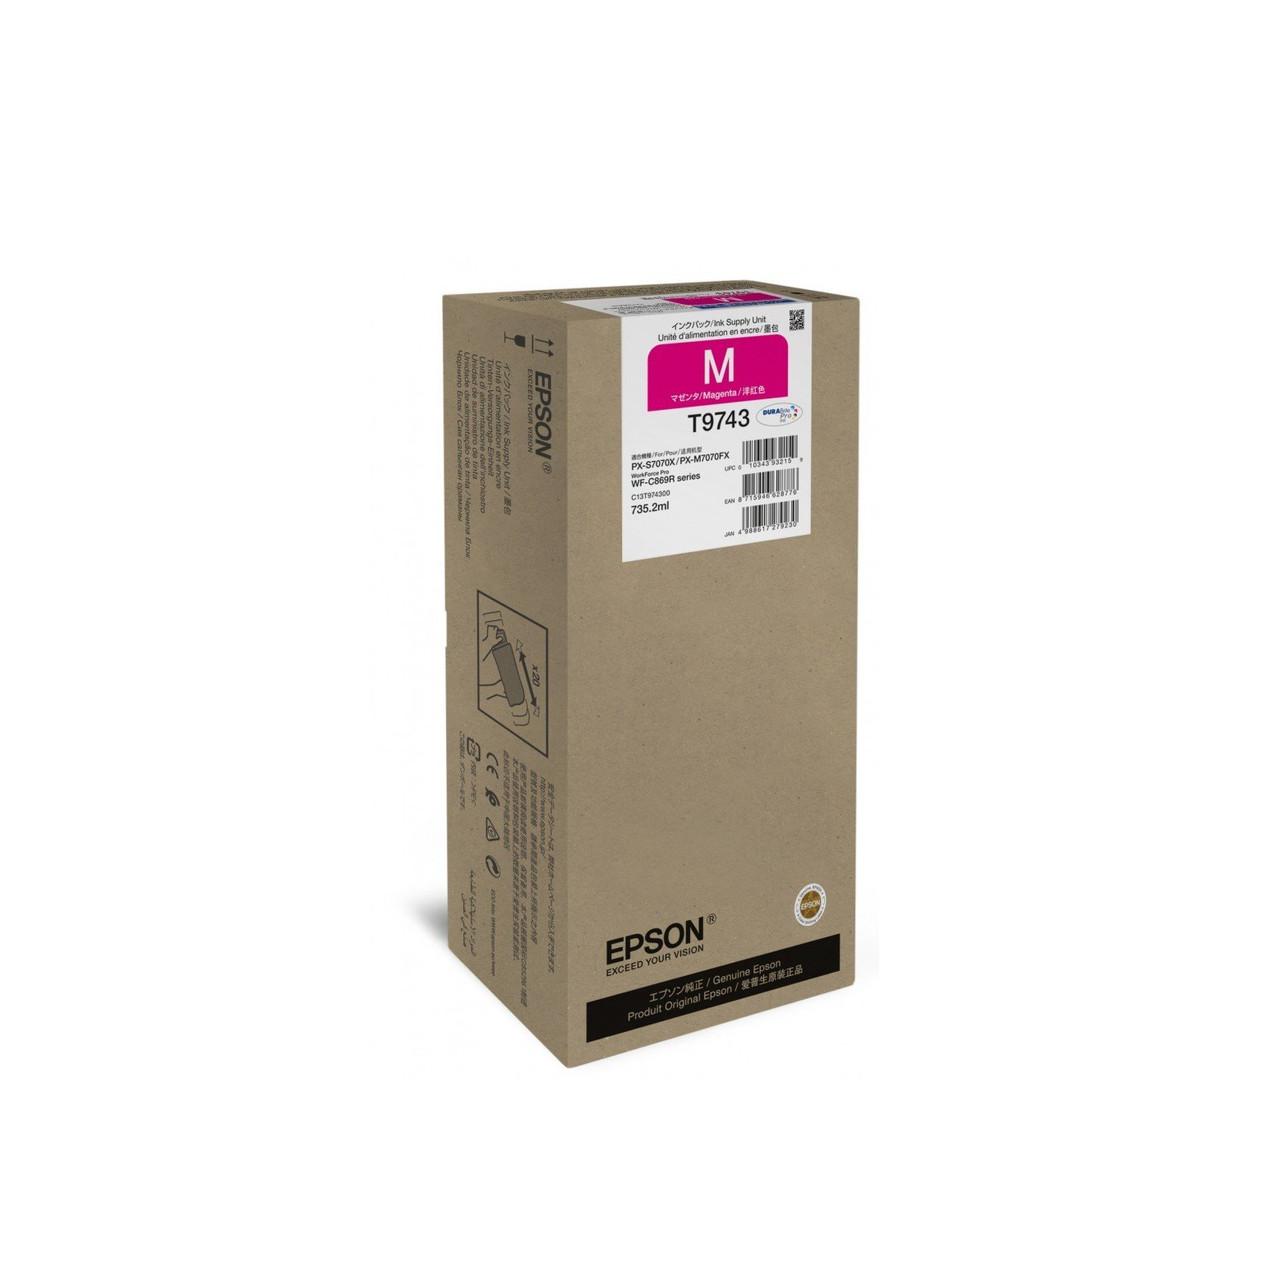 Струйный картридж Epson T9743 (Оригинальный, Пурпурный - Magenta) C13T974300